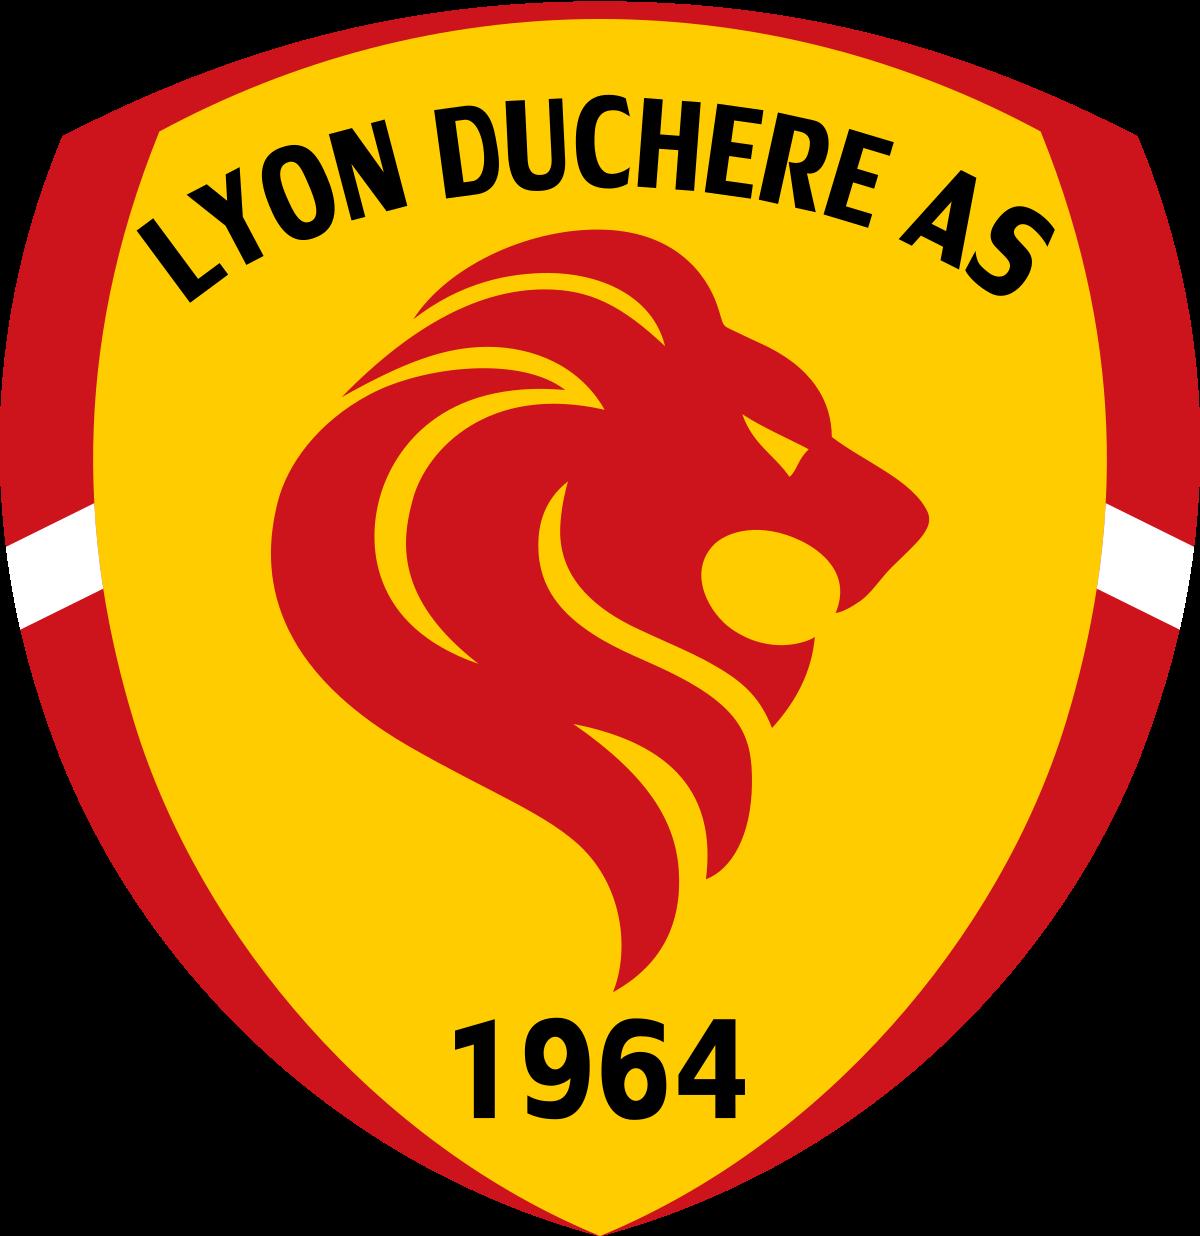 Lyon Duchère AS recherche des éducateurs pouvant intégrer son École de Football et sa Pré-formation